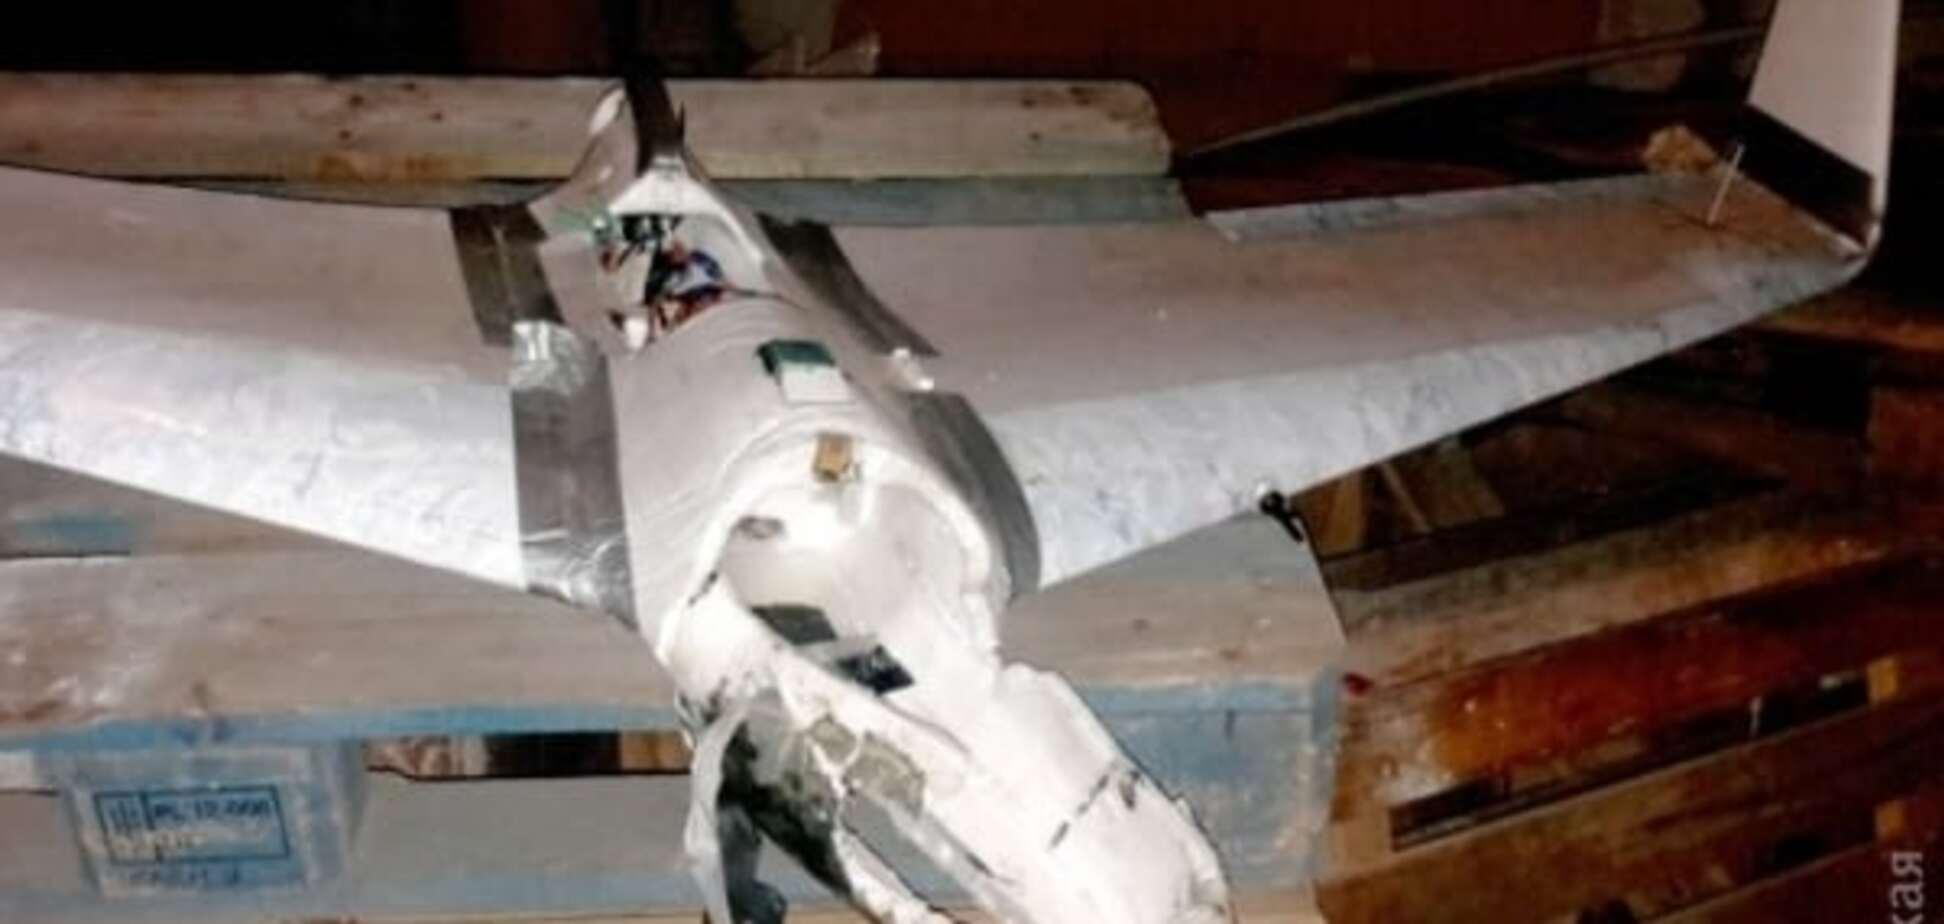 Долітався! Під Маріуполем захопили російський безпілотник, який 'здав' свого господаря: фото і відеофакт